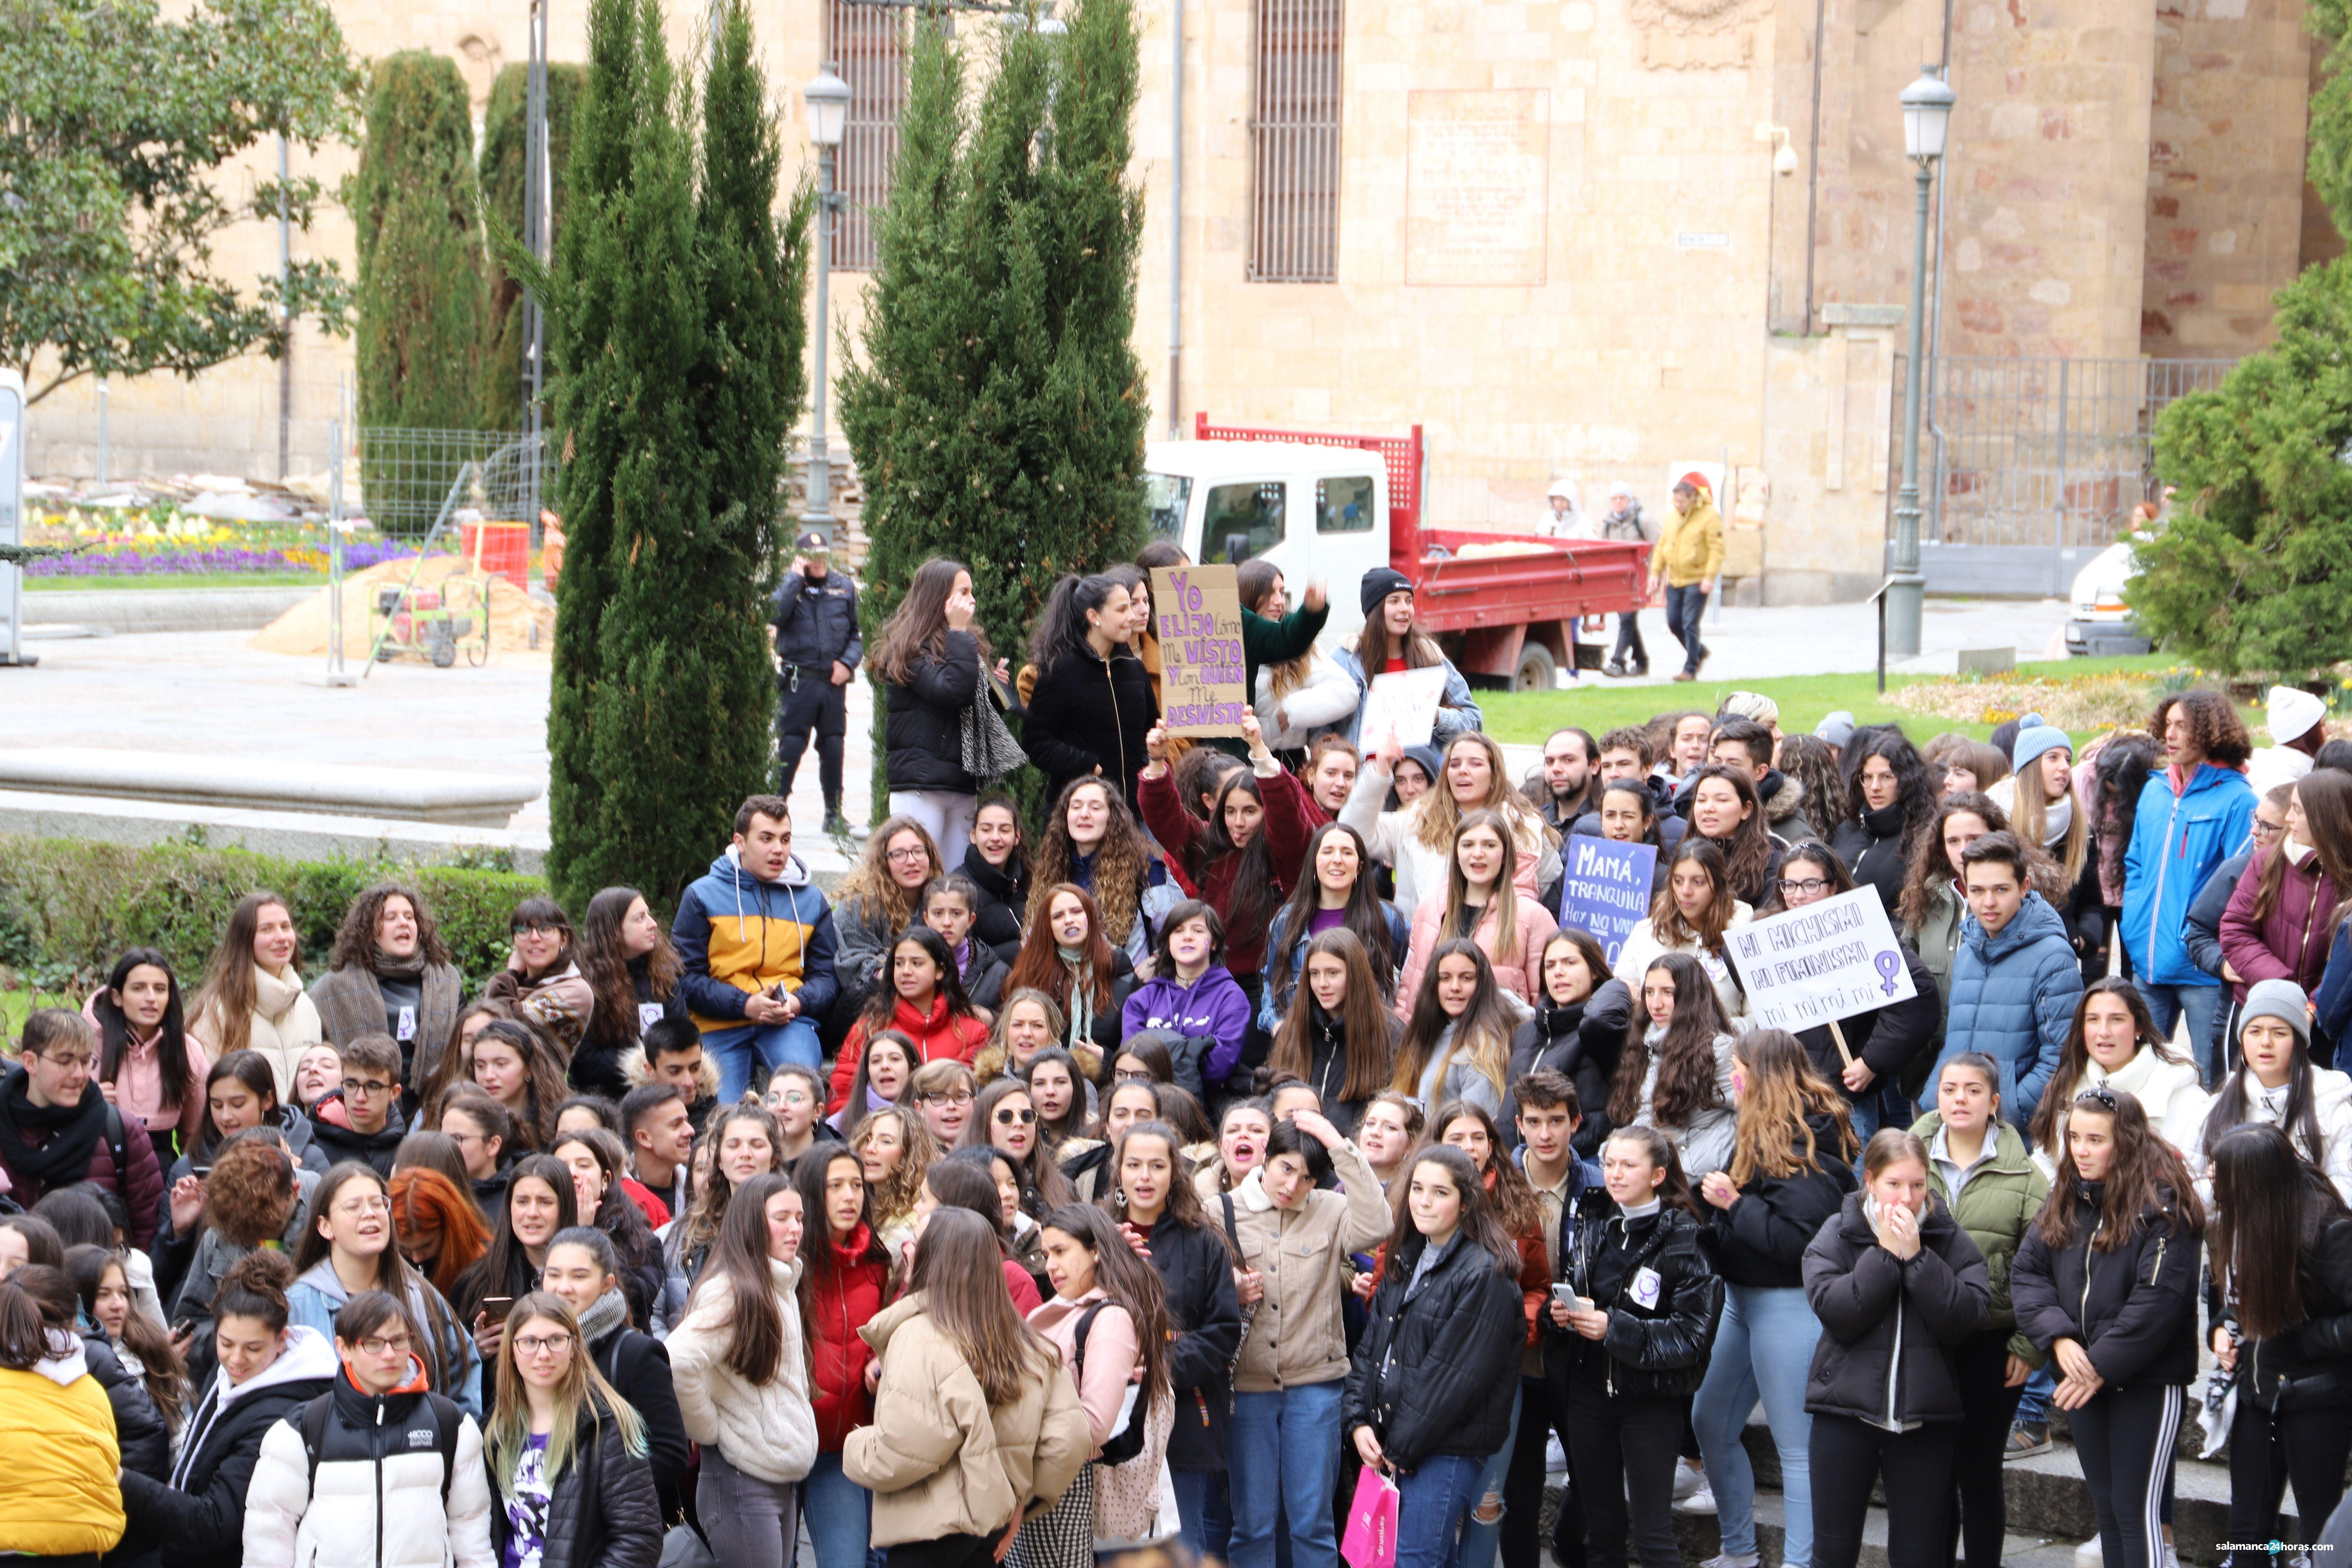 Huelga de Estudiantes Feminista Antirracista y Antifascista 104